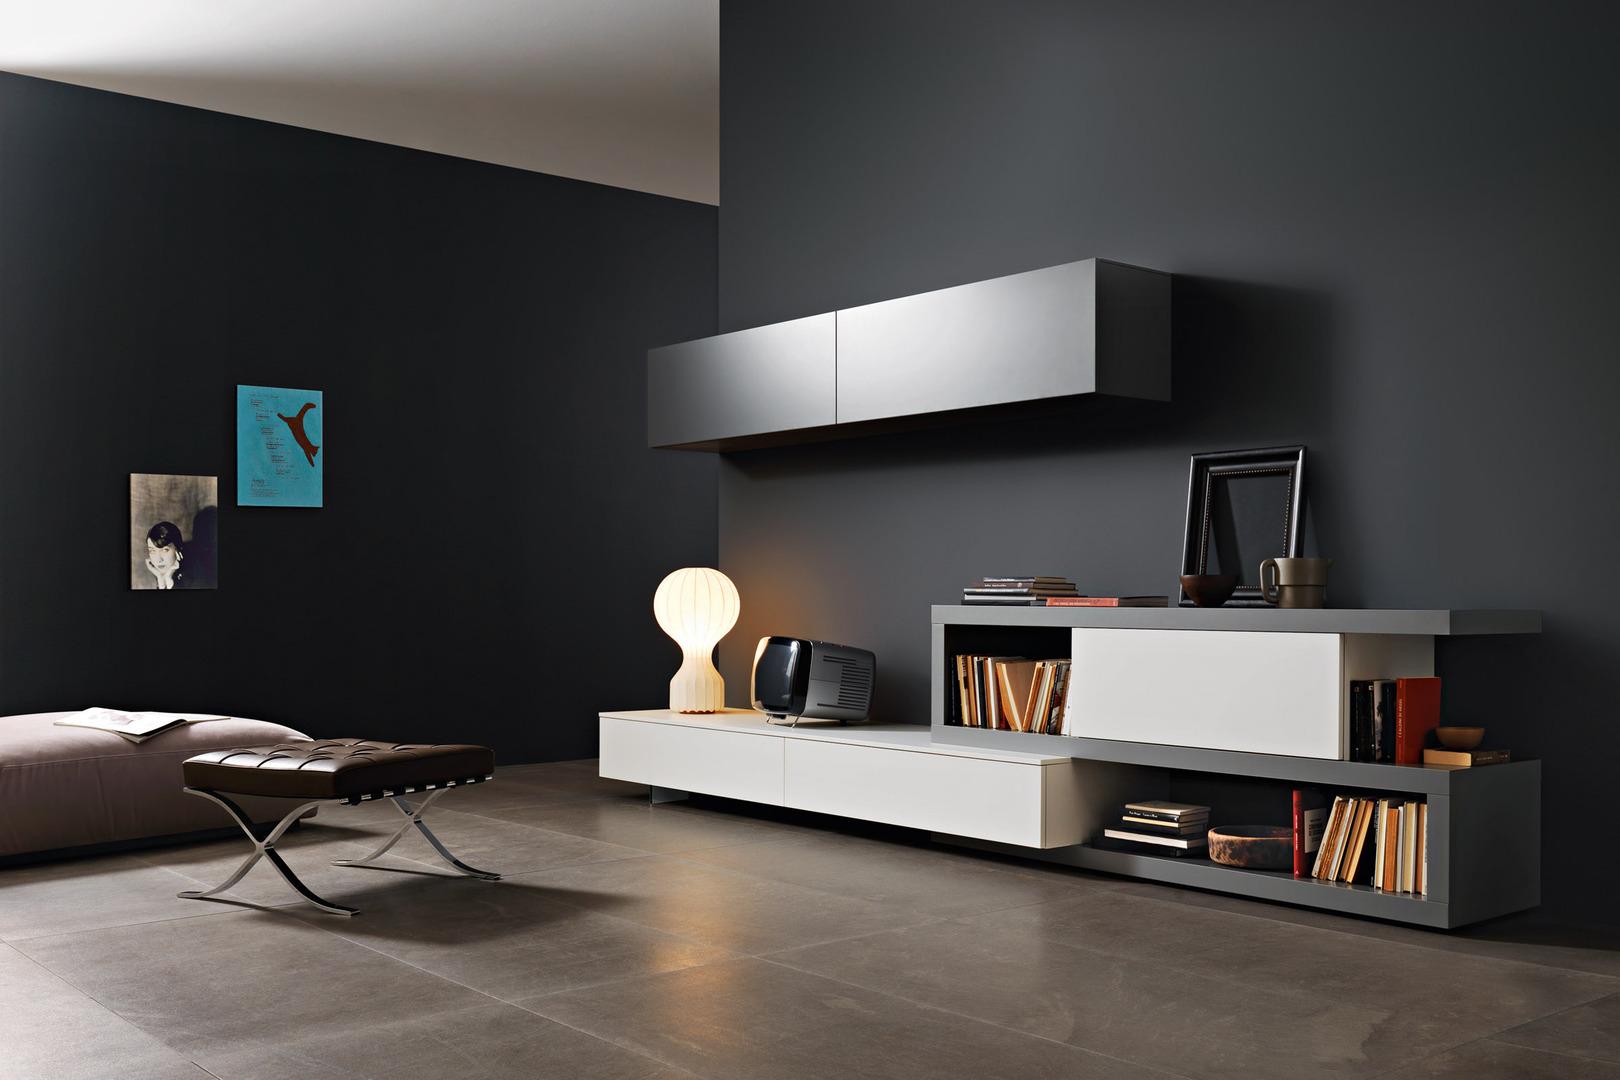 Arredamenti milani arredamento soggiorno moderno design for Milani arredamenti rubiera